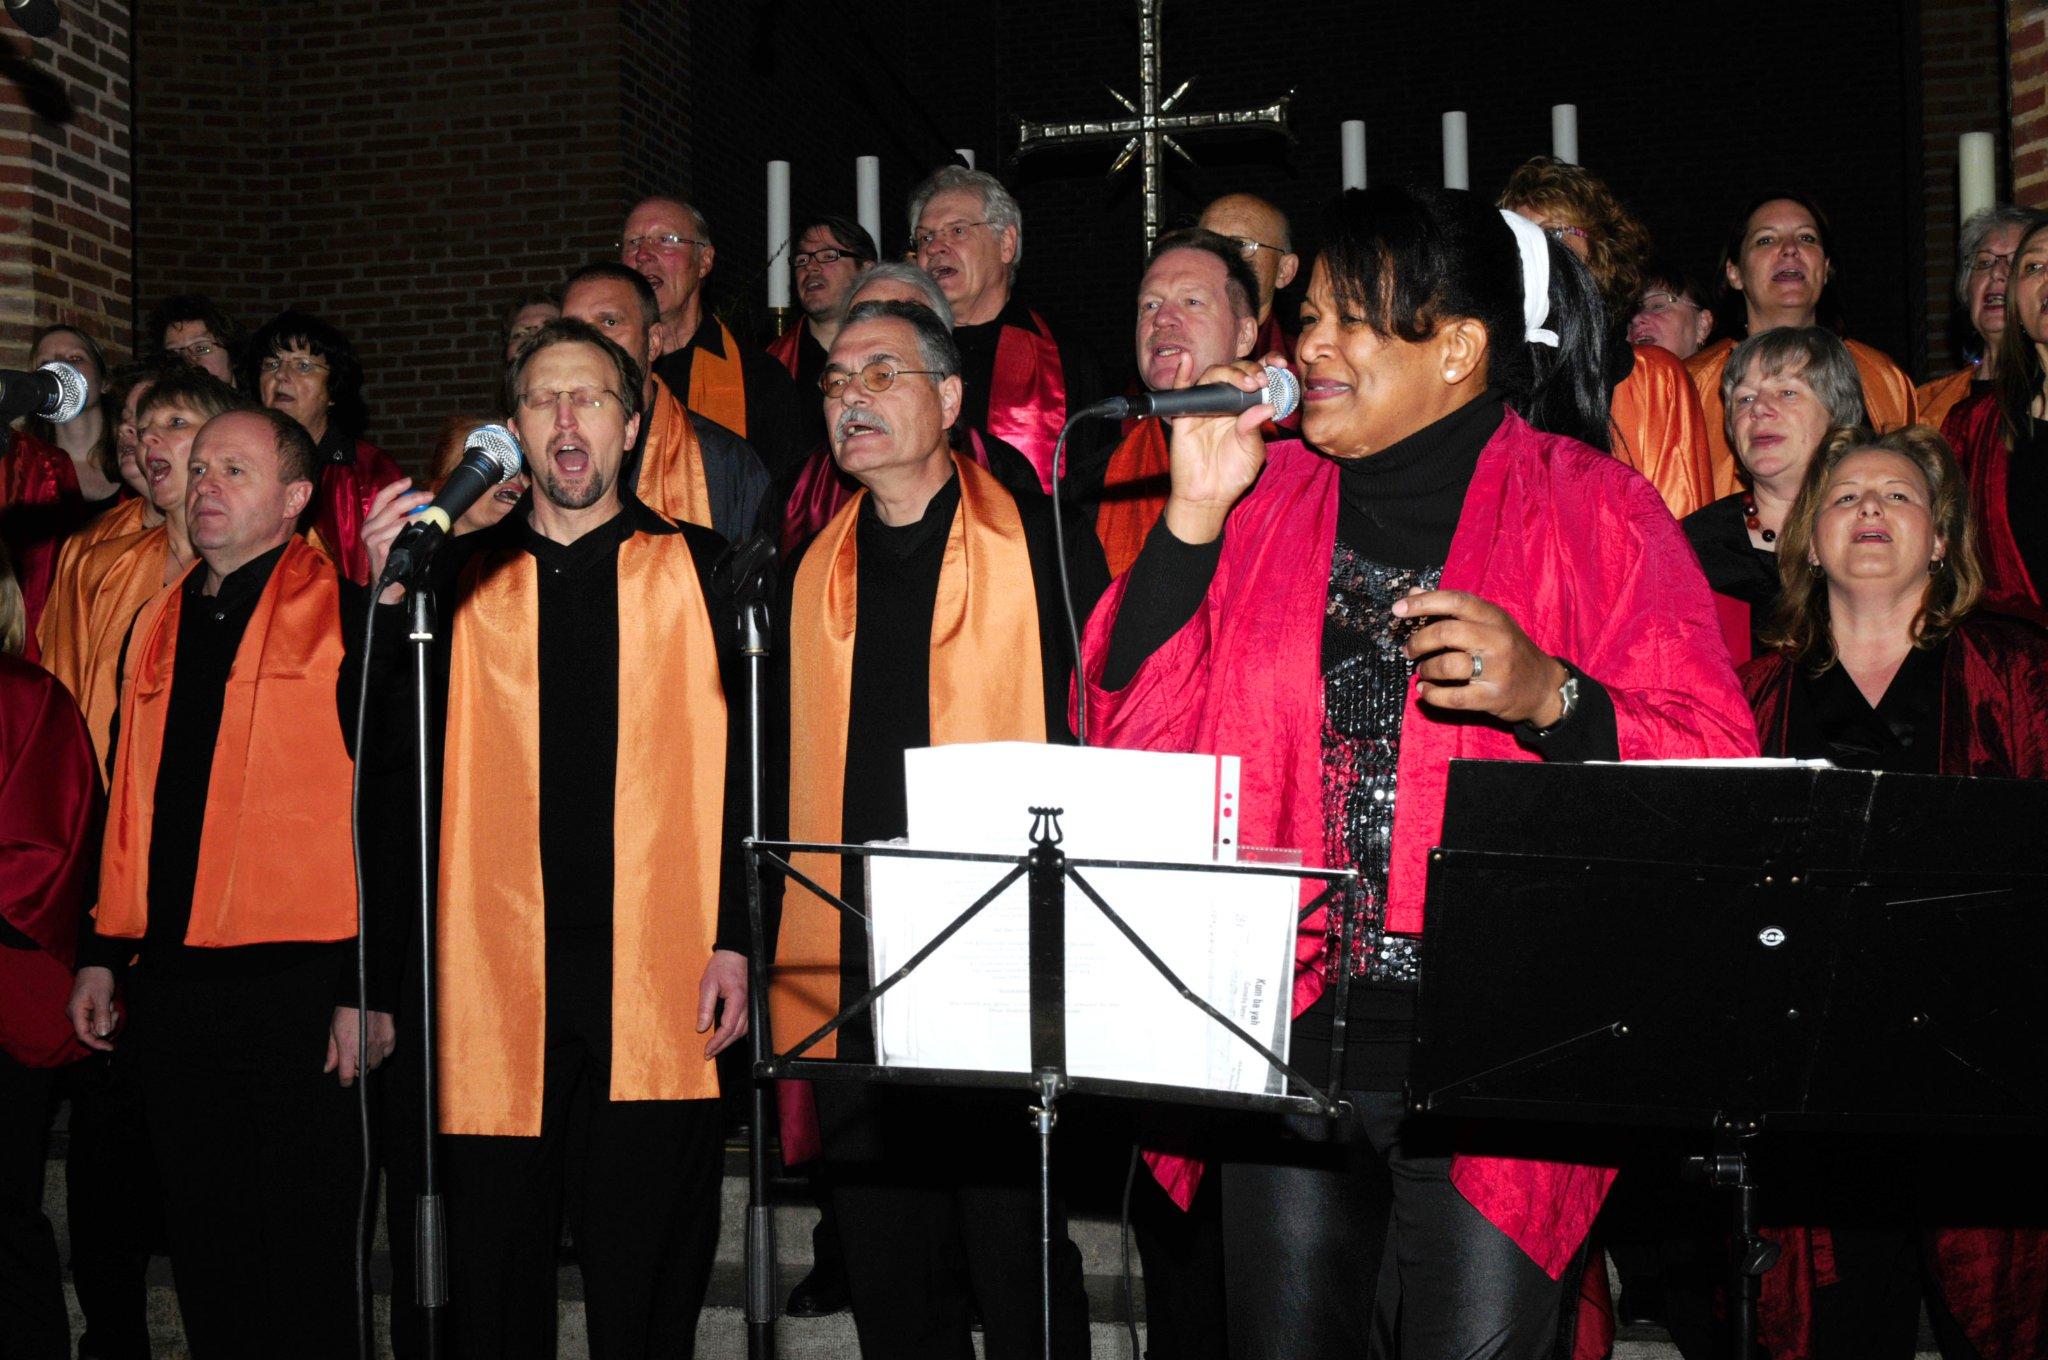 20120422 Reformations Gedaechtniskirche 025